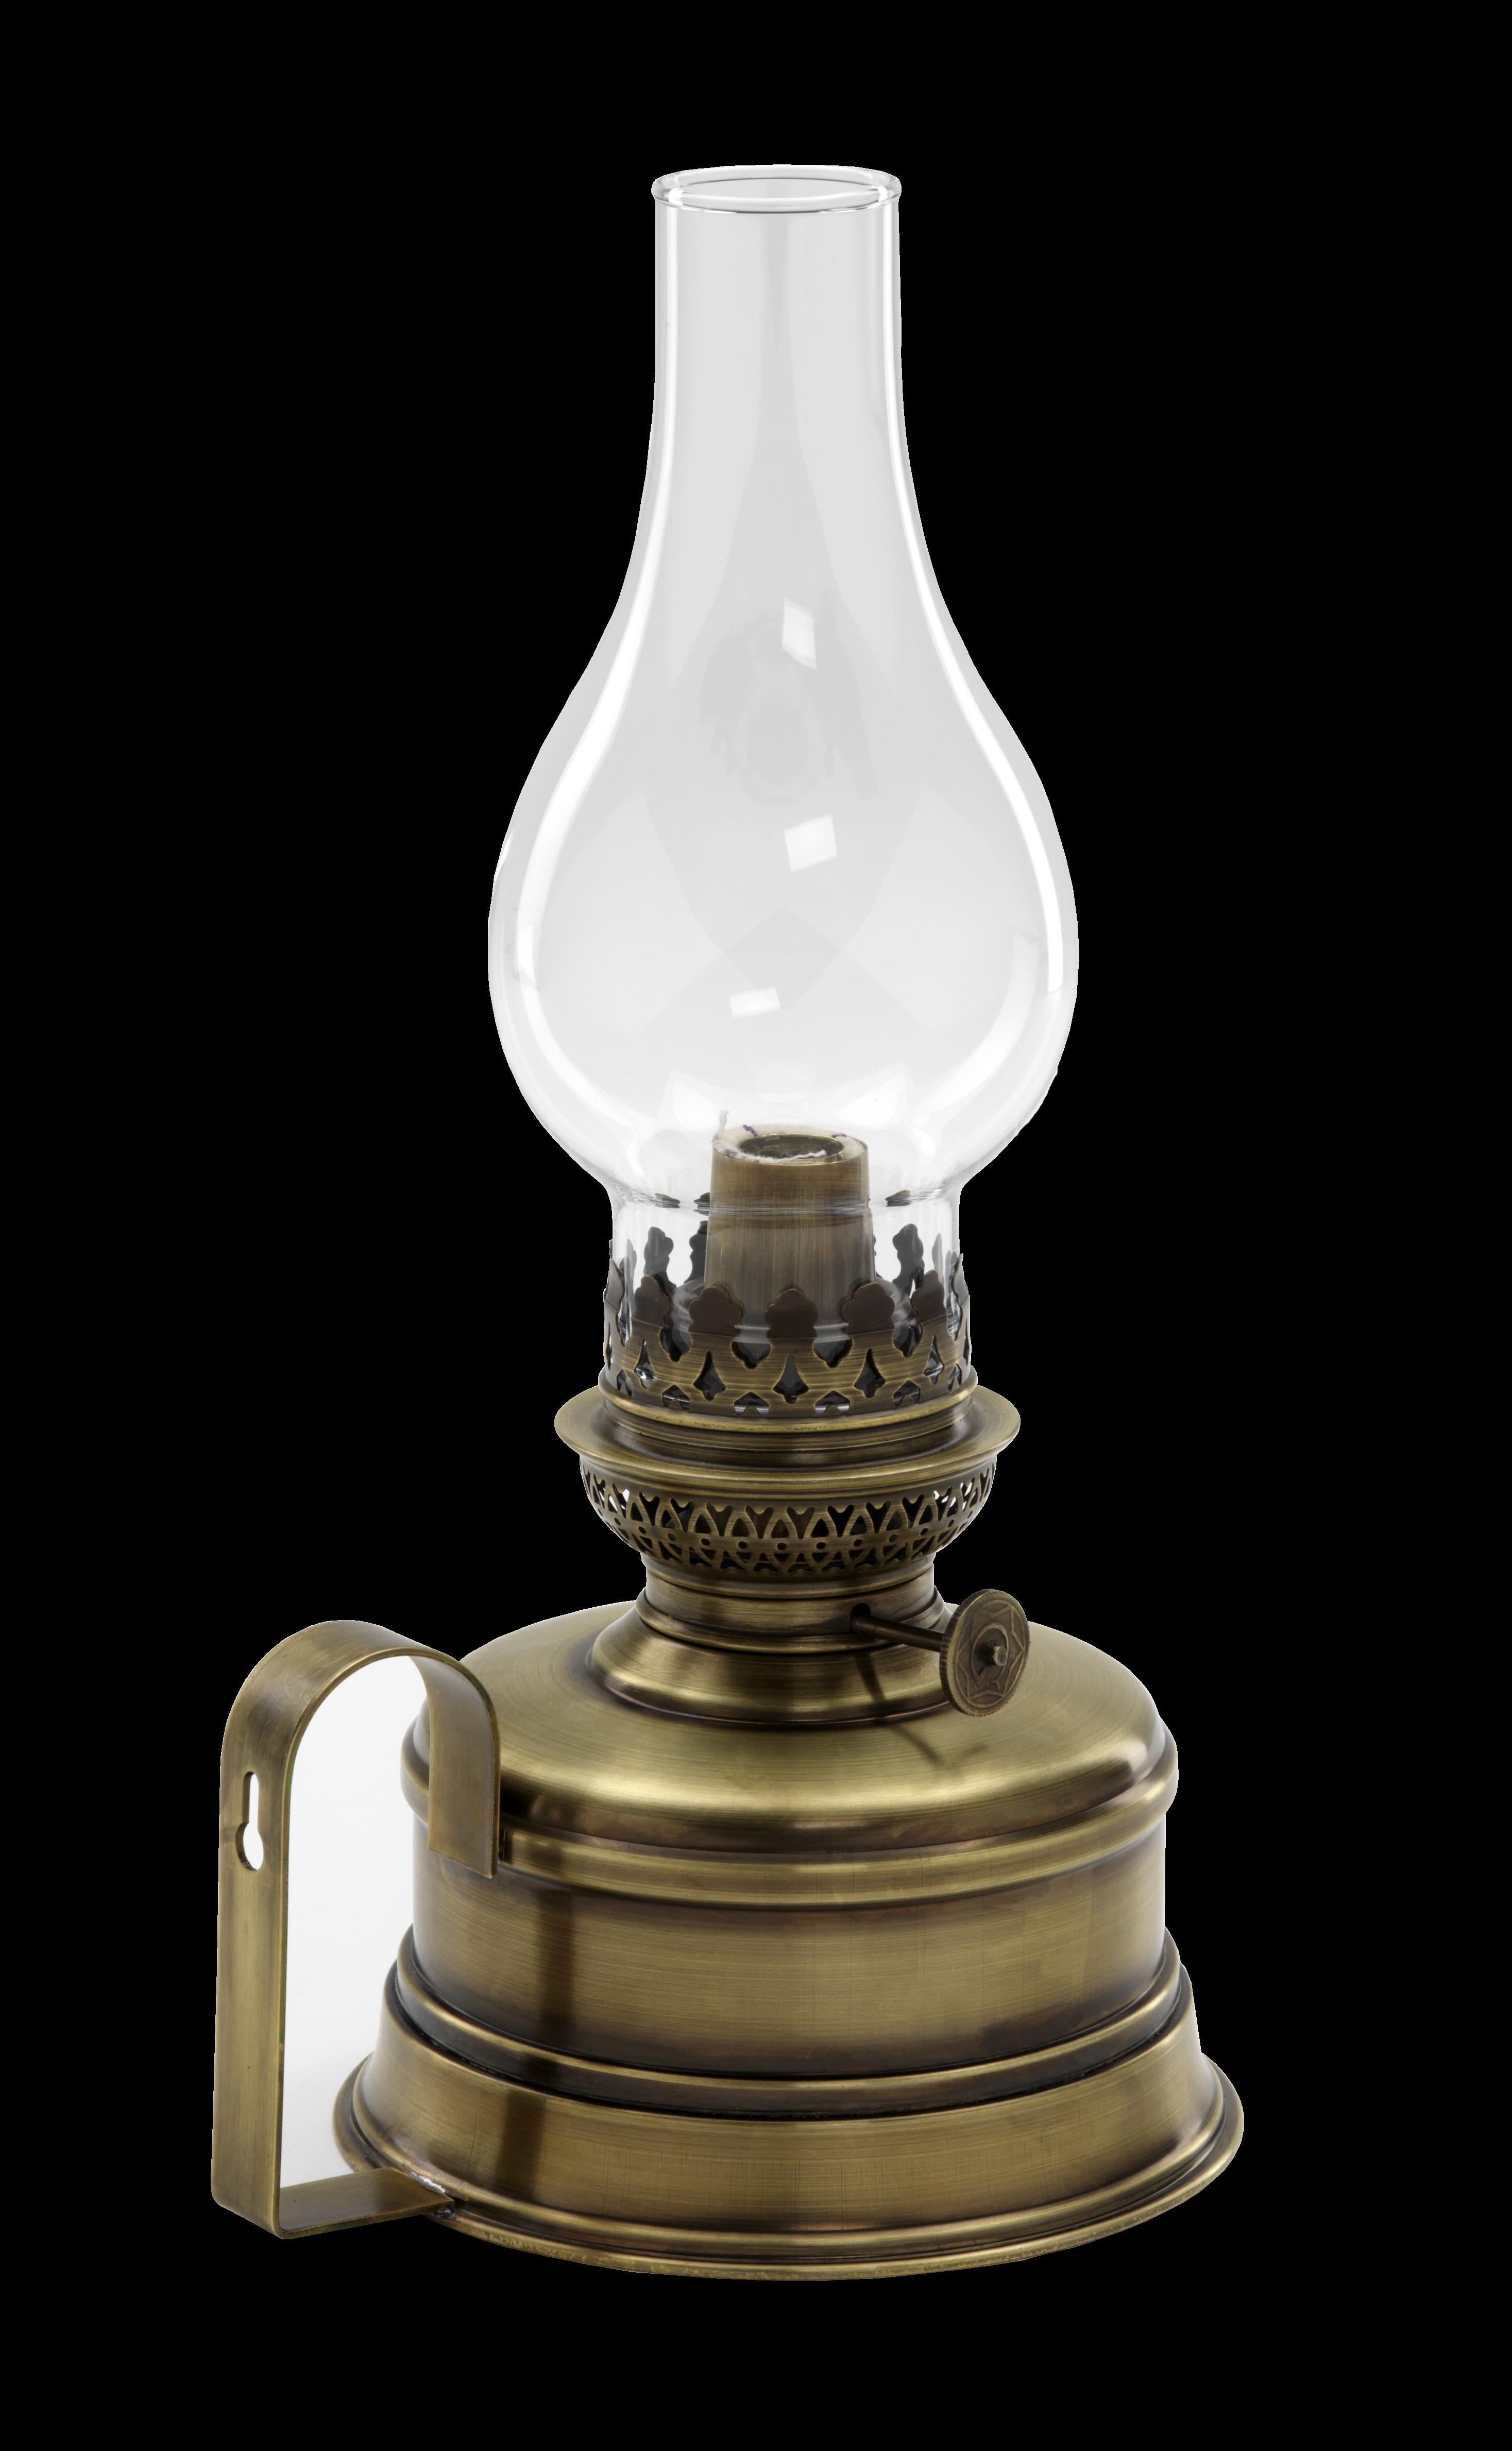 PNG Oil Lamp - 77492